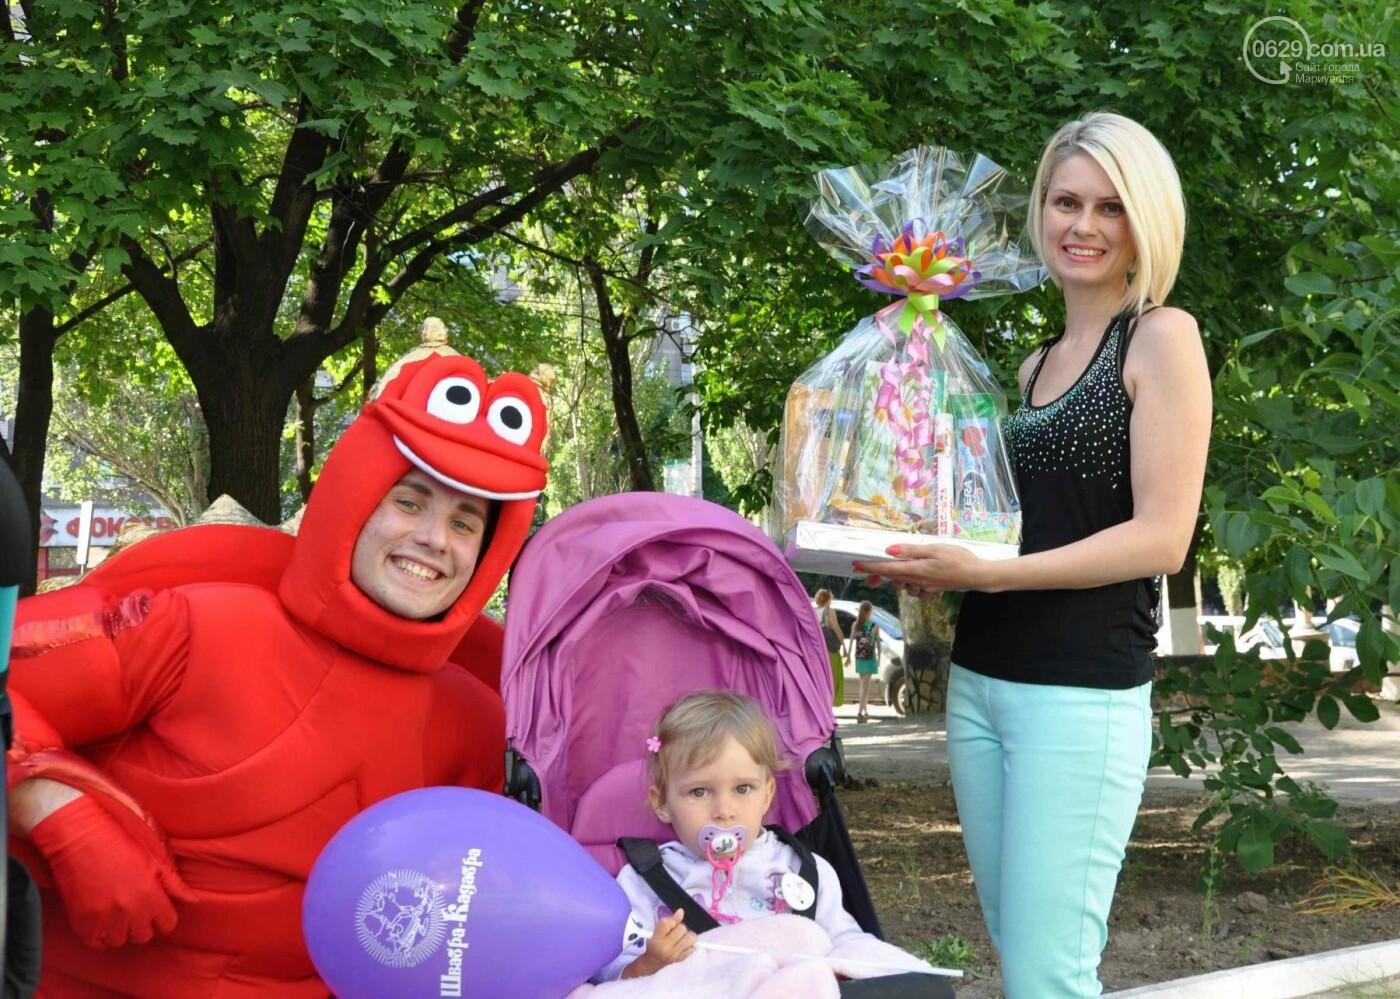 В аптеке «Азовфарм» провели праздник для детей и разыграли призы, фото-31